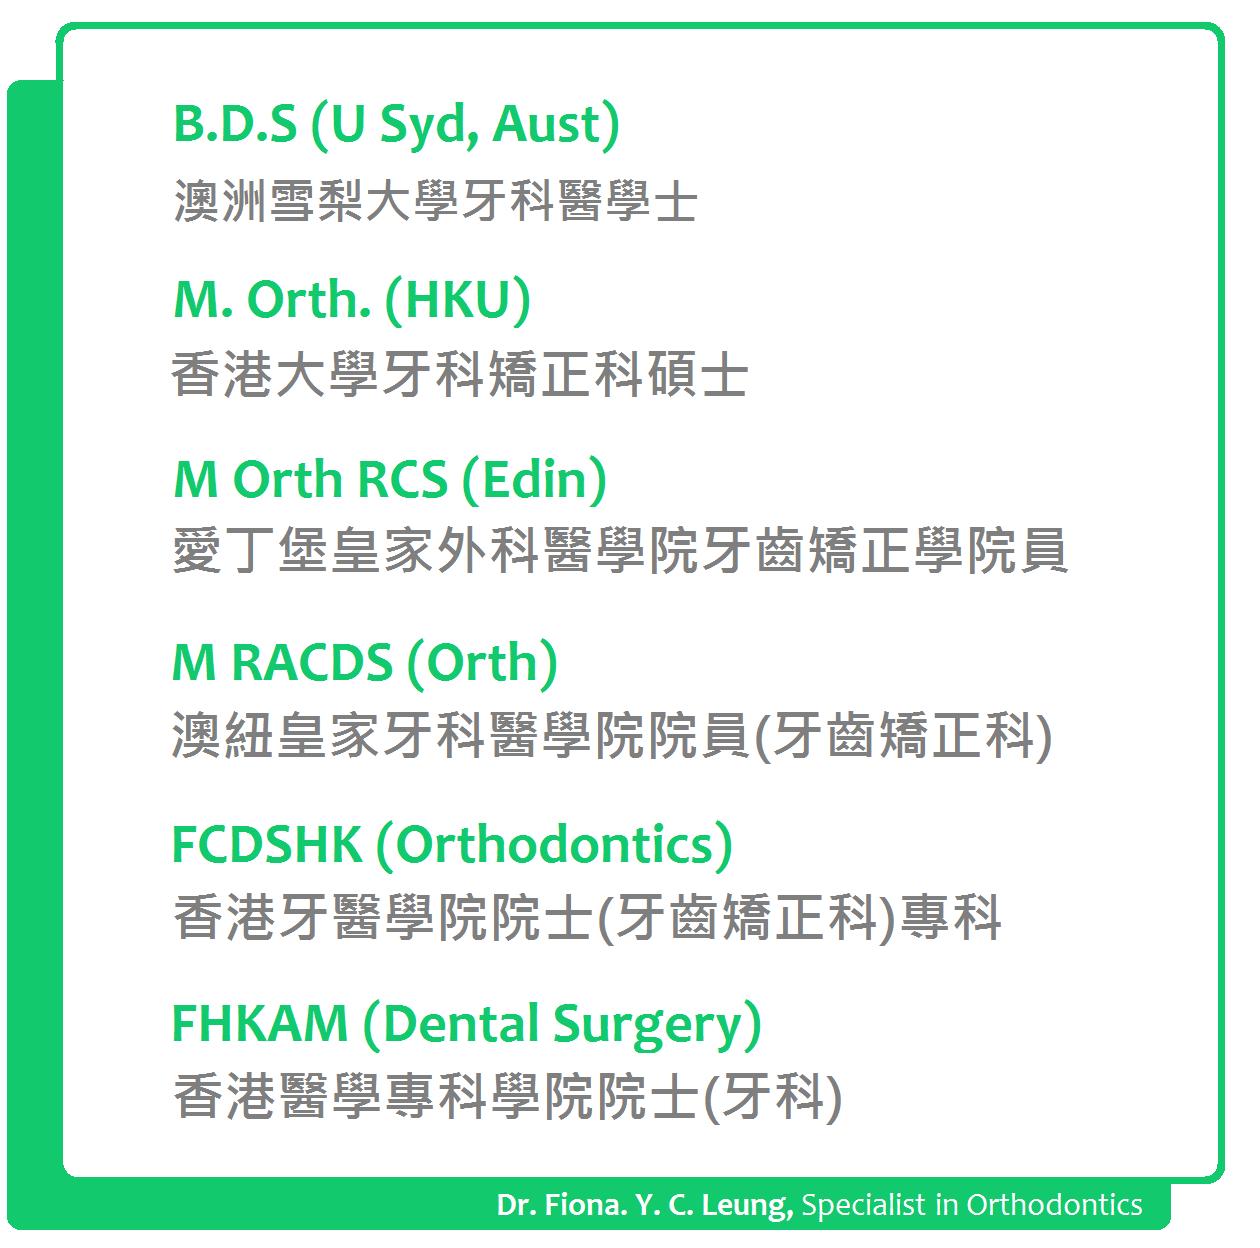 矯齒專科-專業資格-梁苑莊醫生-牙齒矯正科專科醫生-牙齒矯正科-箍牙-牙齒矯正